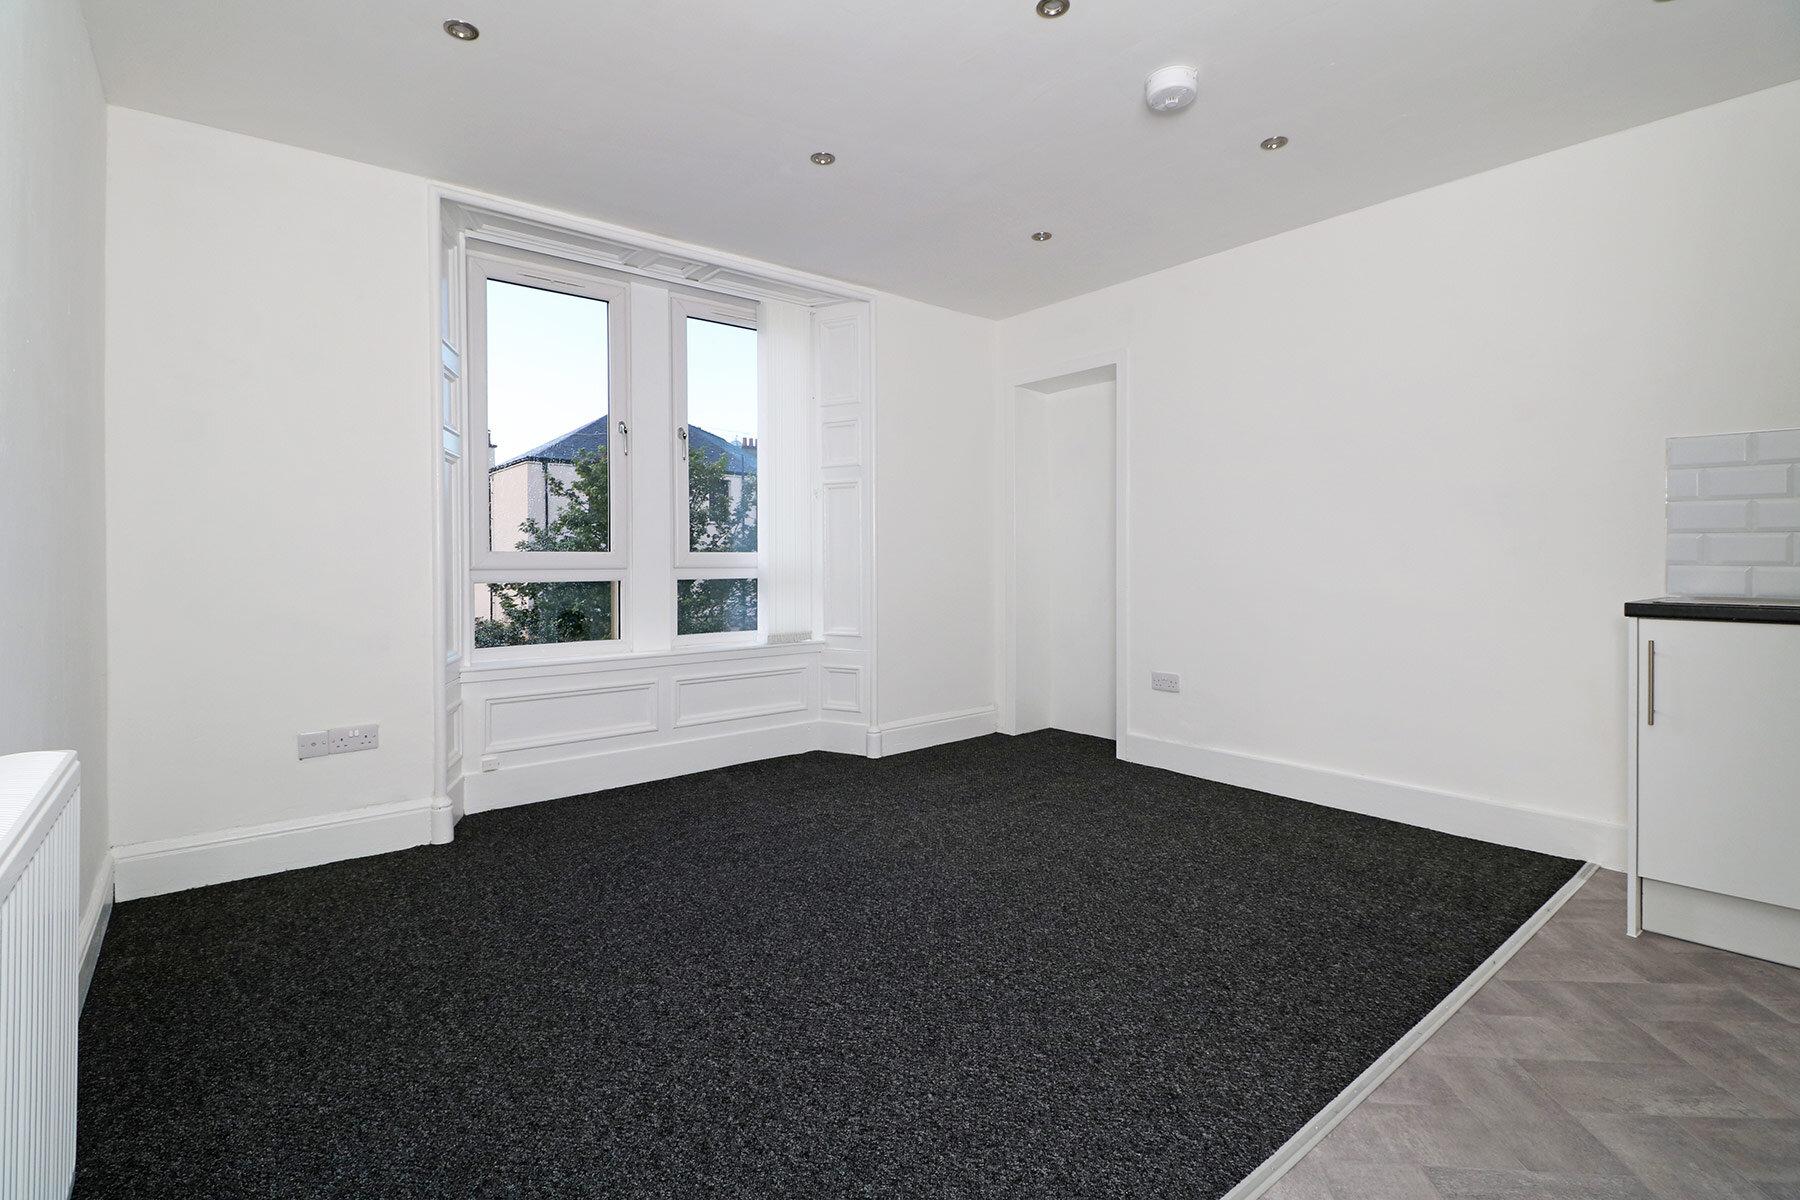 provost-road-after-living-room.jpg